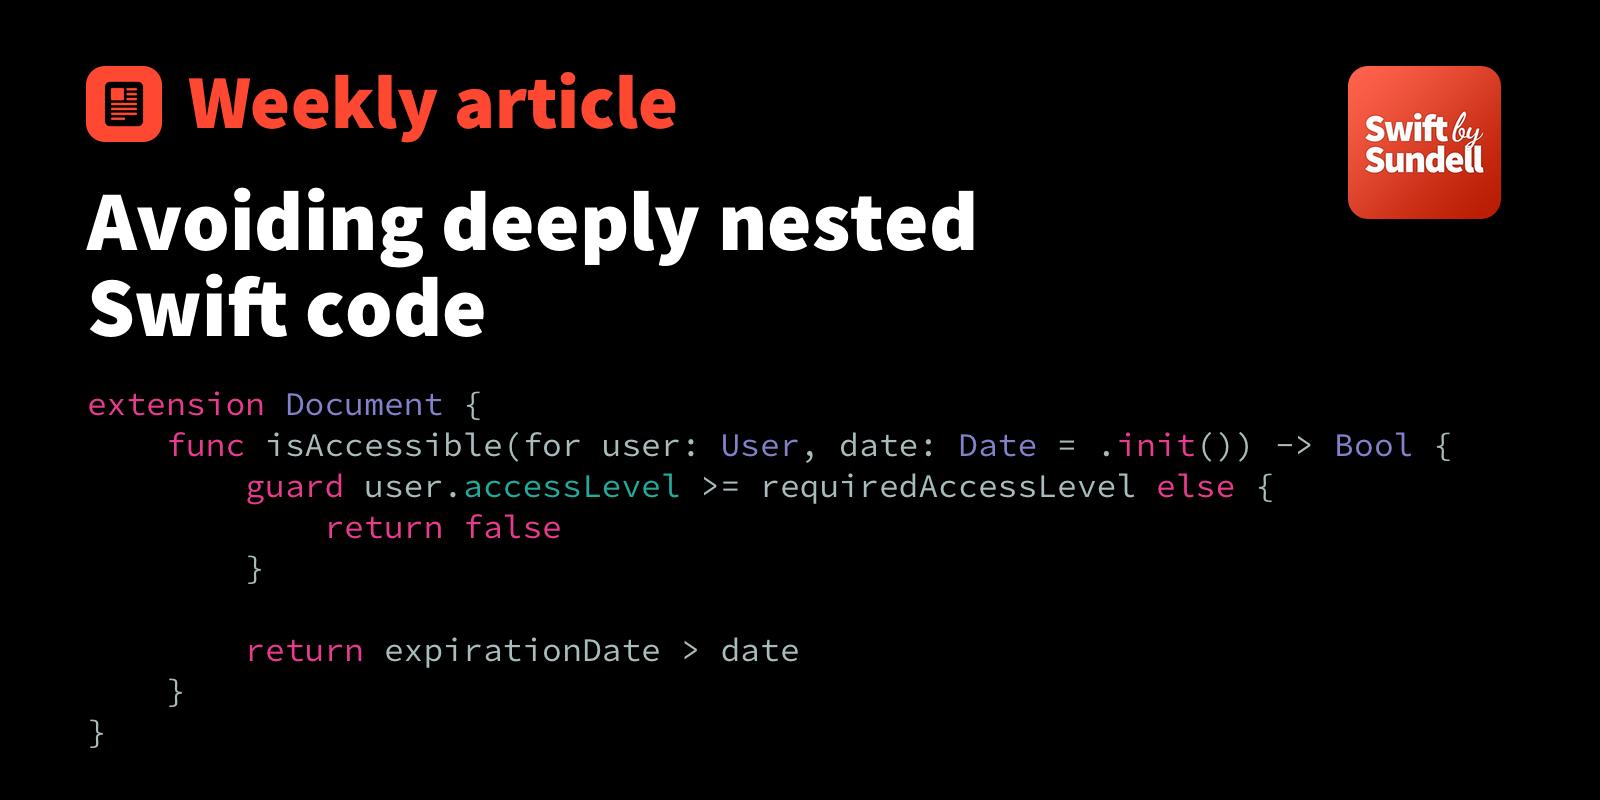 Avoiding deeply nested Swift code